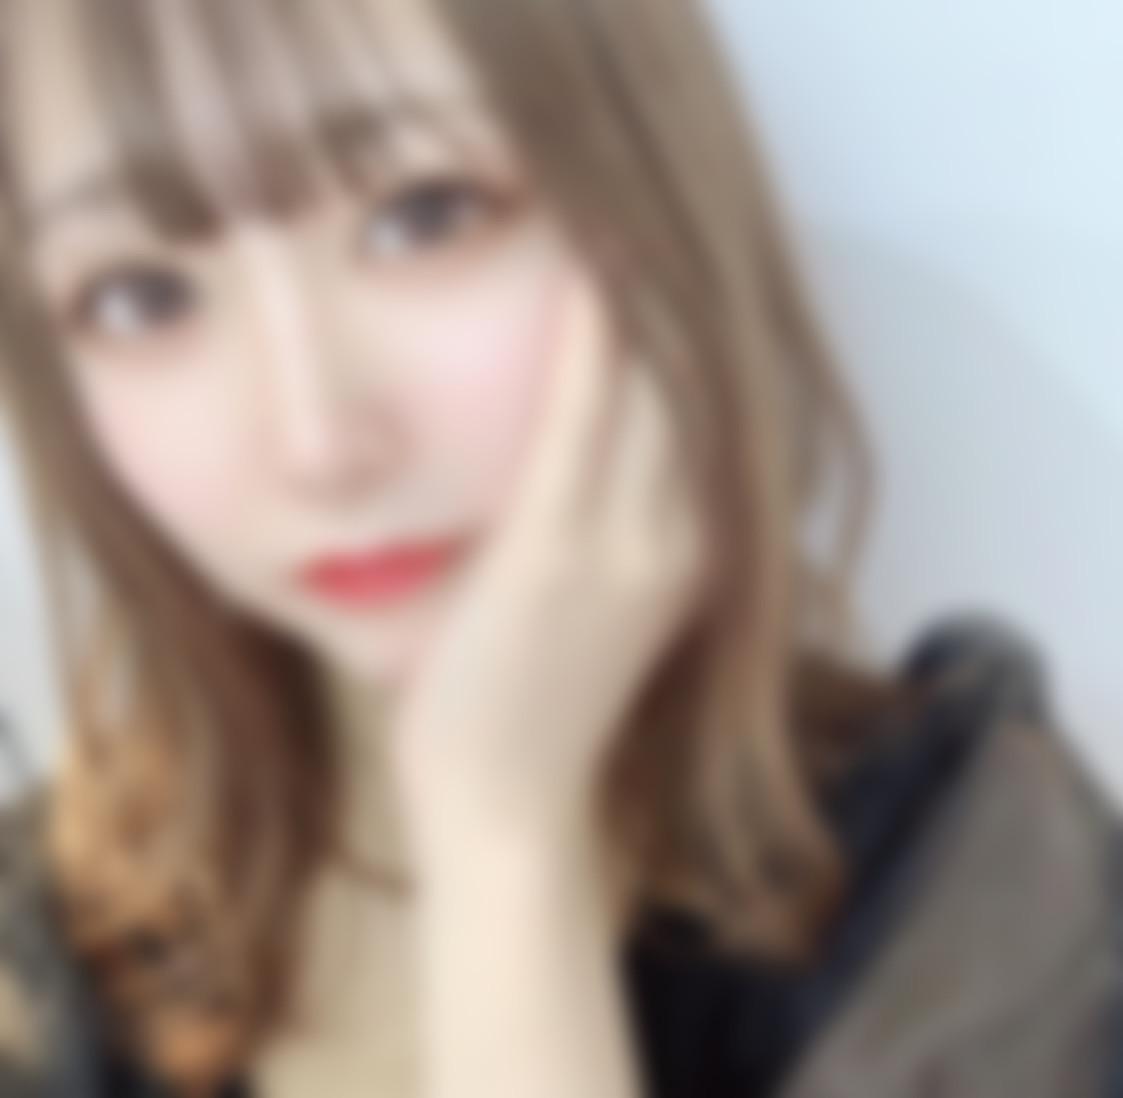 """<span class=""""title"""">21歳!静岡住みの大学生です☺️ スタイル、顔に自信あ りです!</span>"""